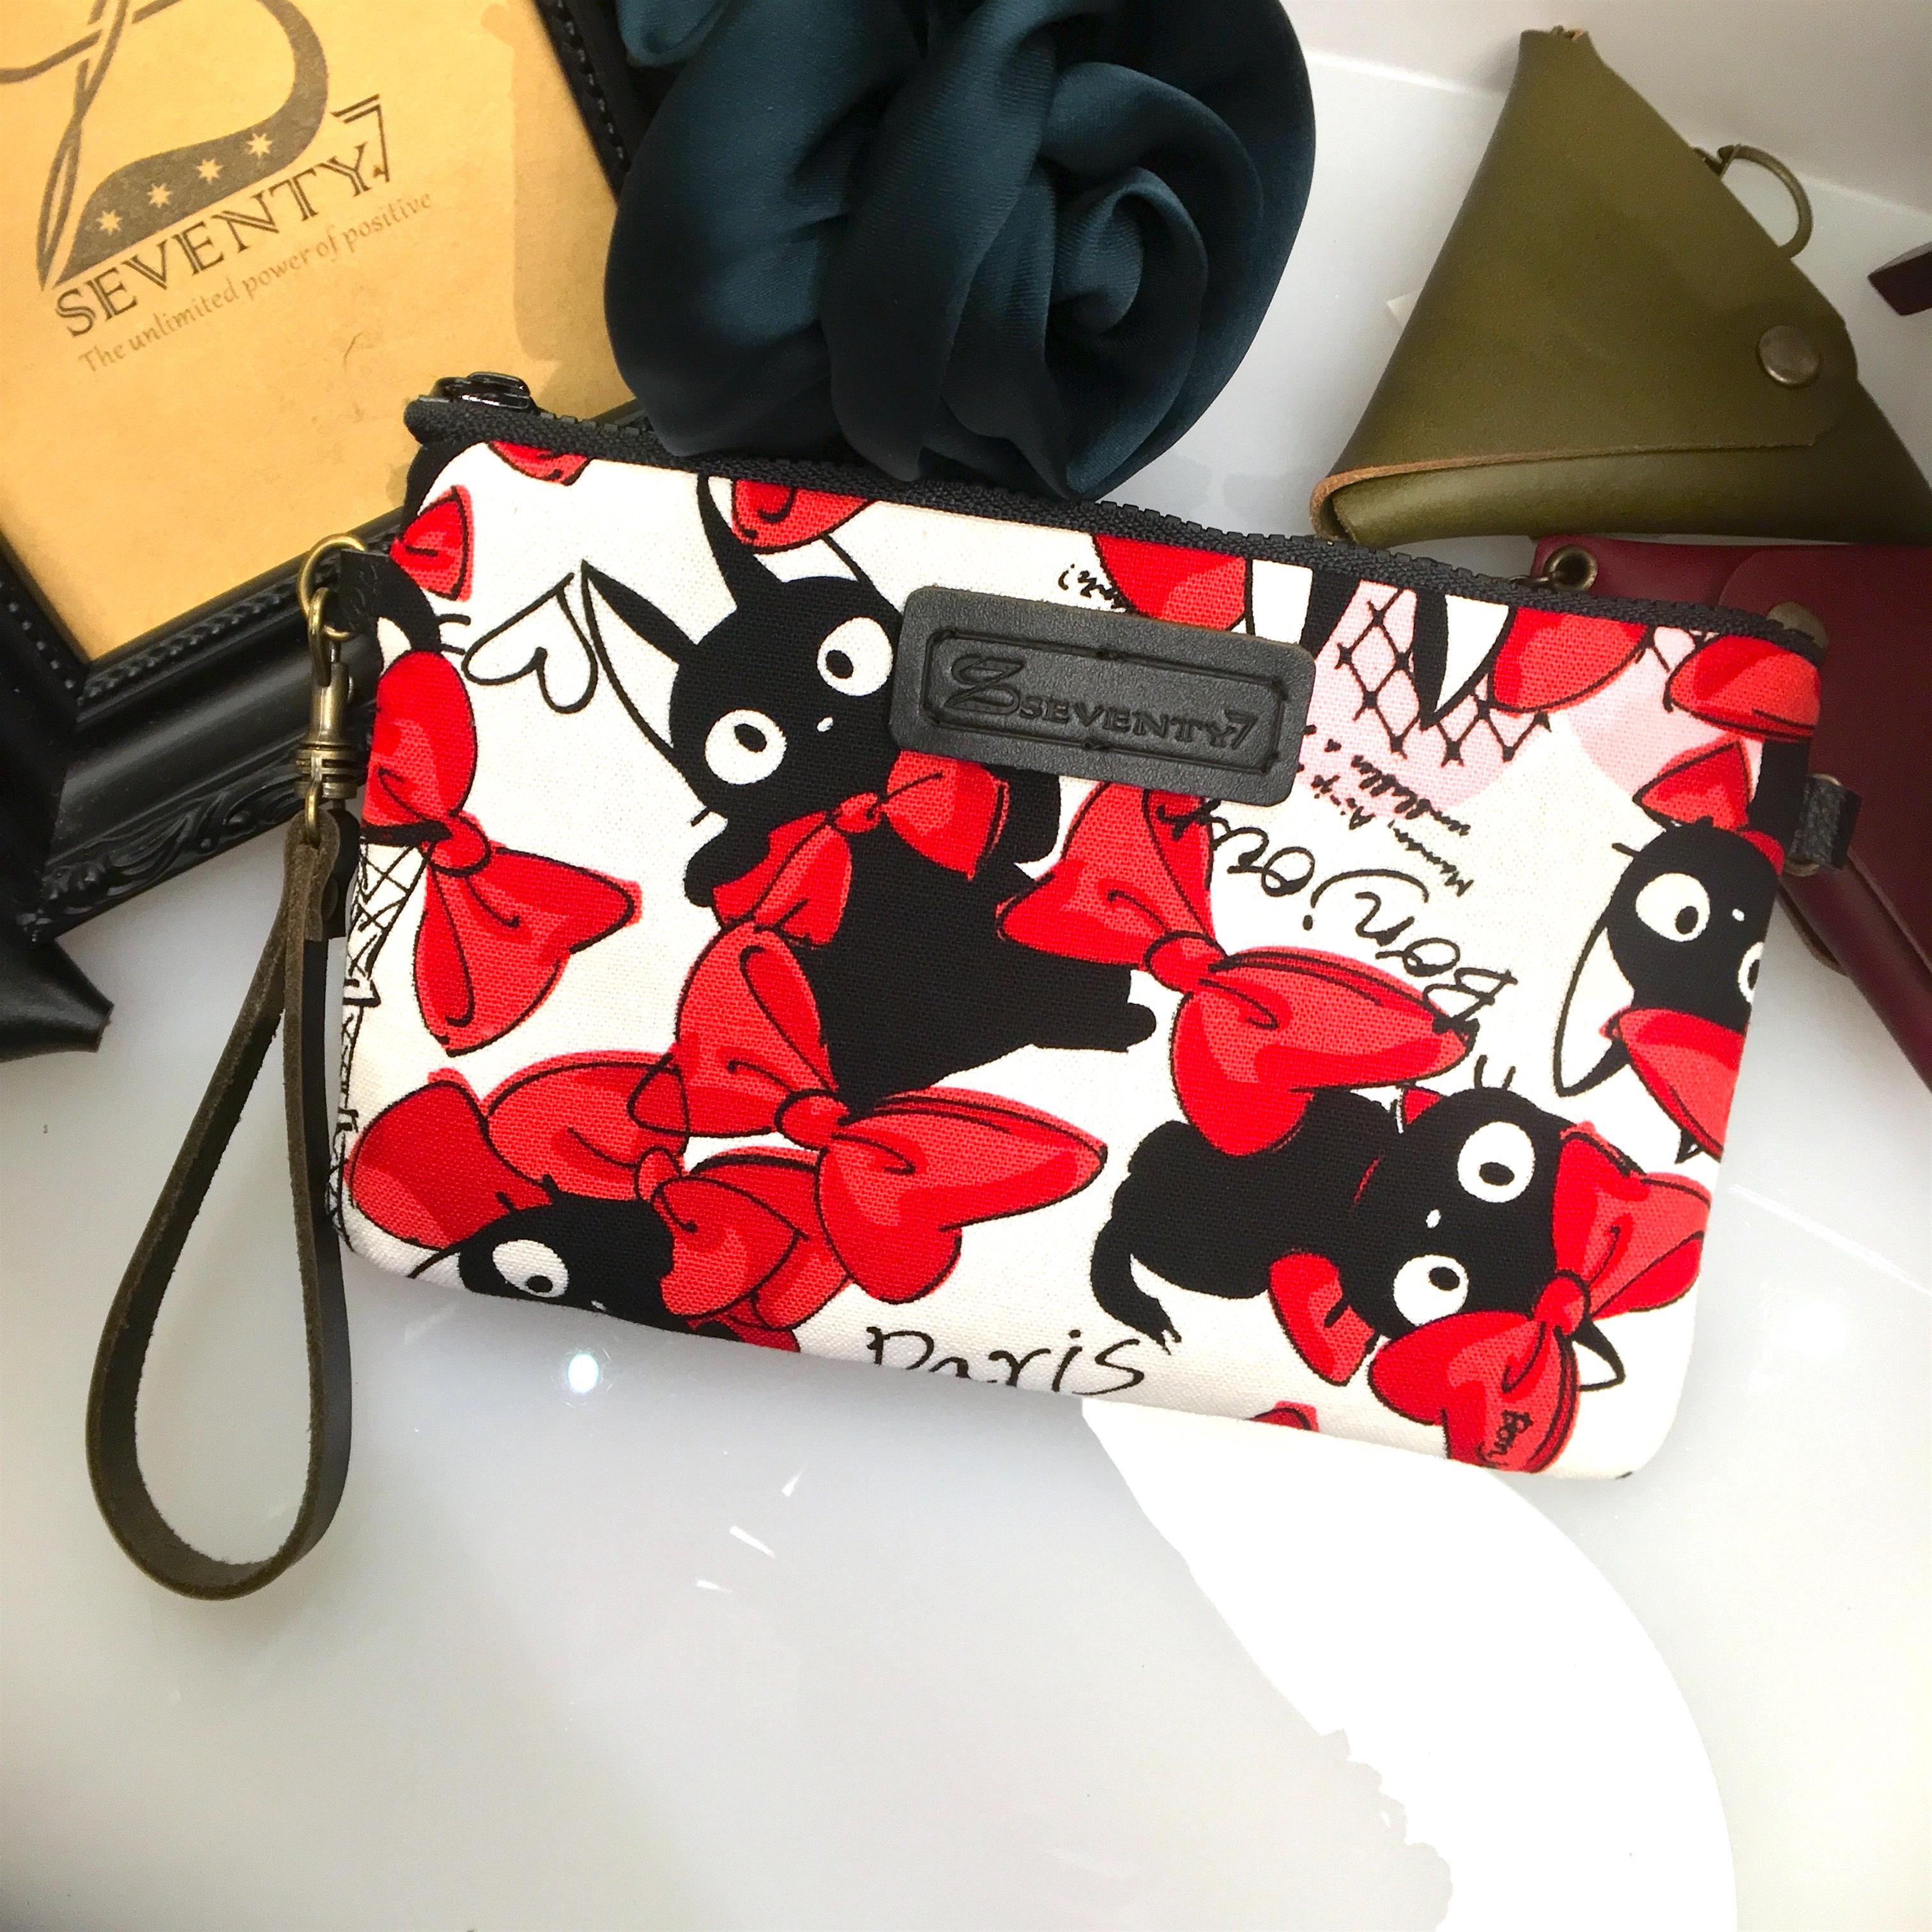 BAP 手拿包 筆袋 手機包 萬用包-白底紅蝴蝶結黑貓